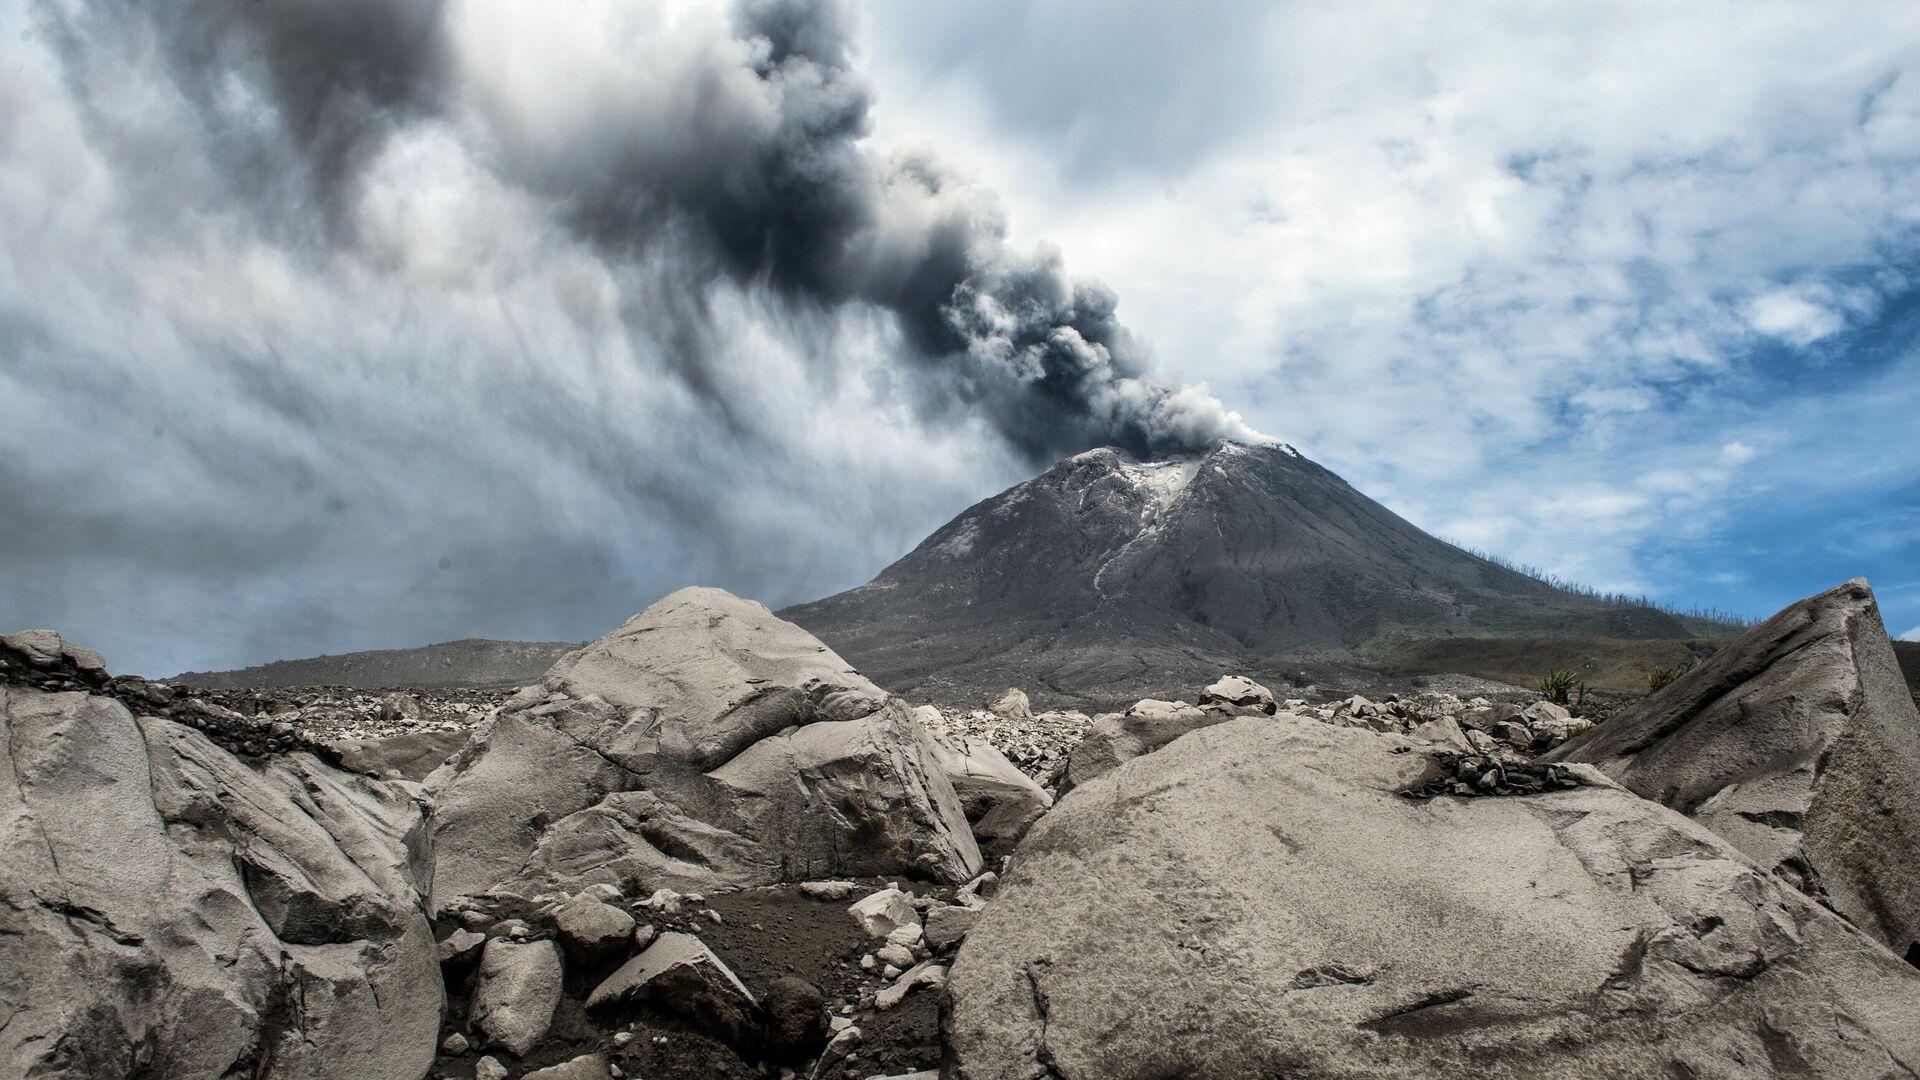 Действующий вулкан Синабунг в провинции Северная Суматра в Индонезии - РИА Новости, 1920, 29.11.2020